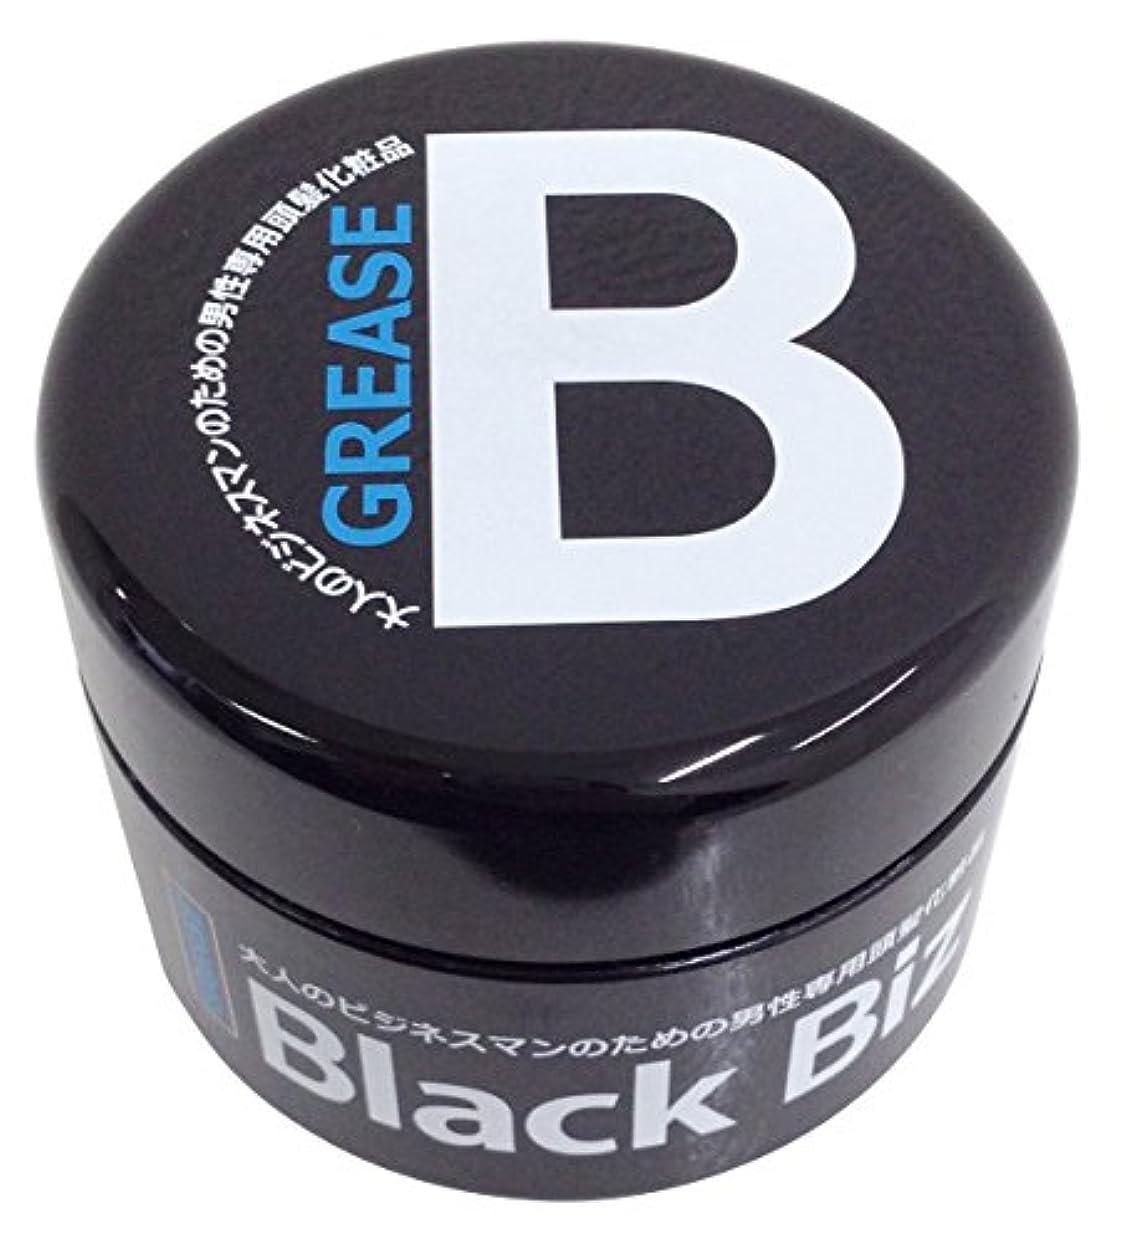 ヘルパーパトロンスリム大人のビジネスマンのための男性専用頭髪化粧品 BlackBiz GREASE SOFT ブラックビズ グリース ソフト